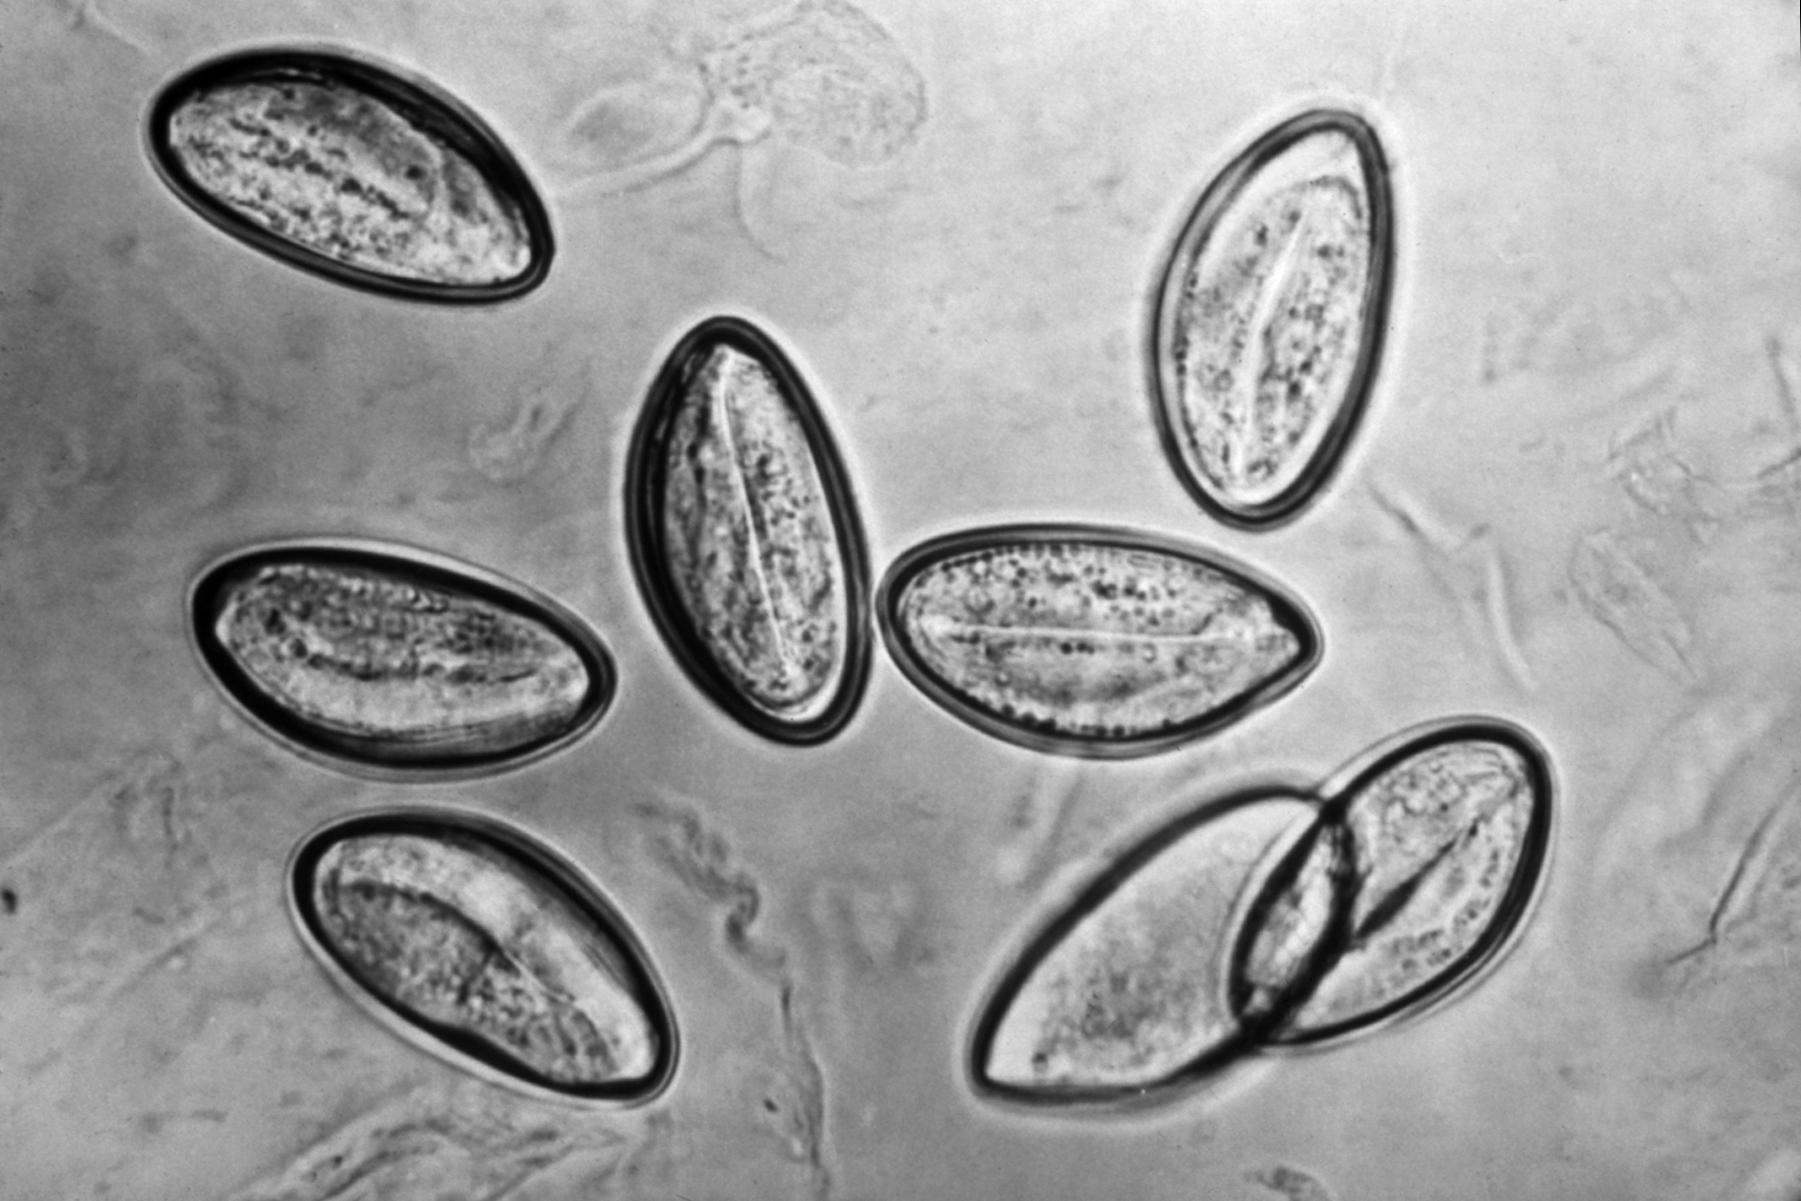 Enterobius vermicularis worms - Enterobius vermicularis worms